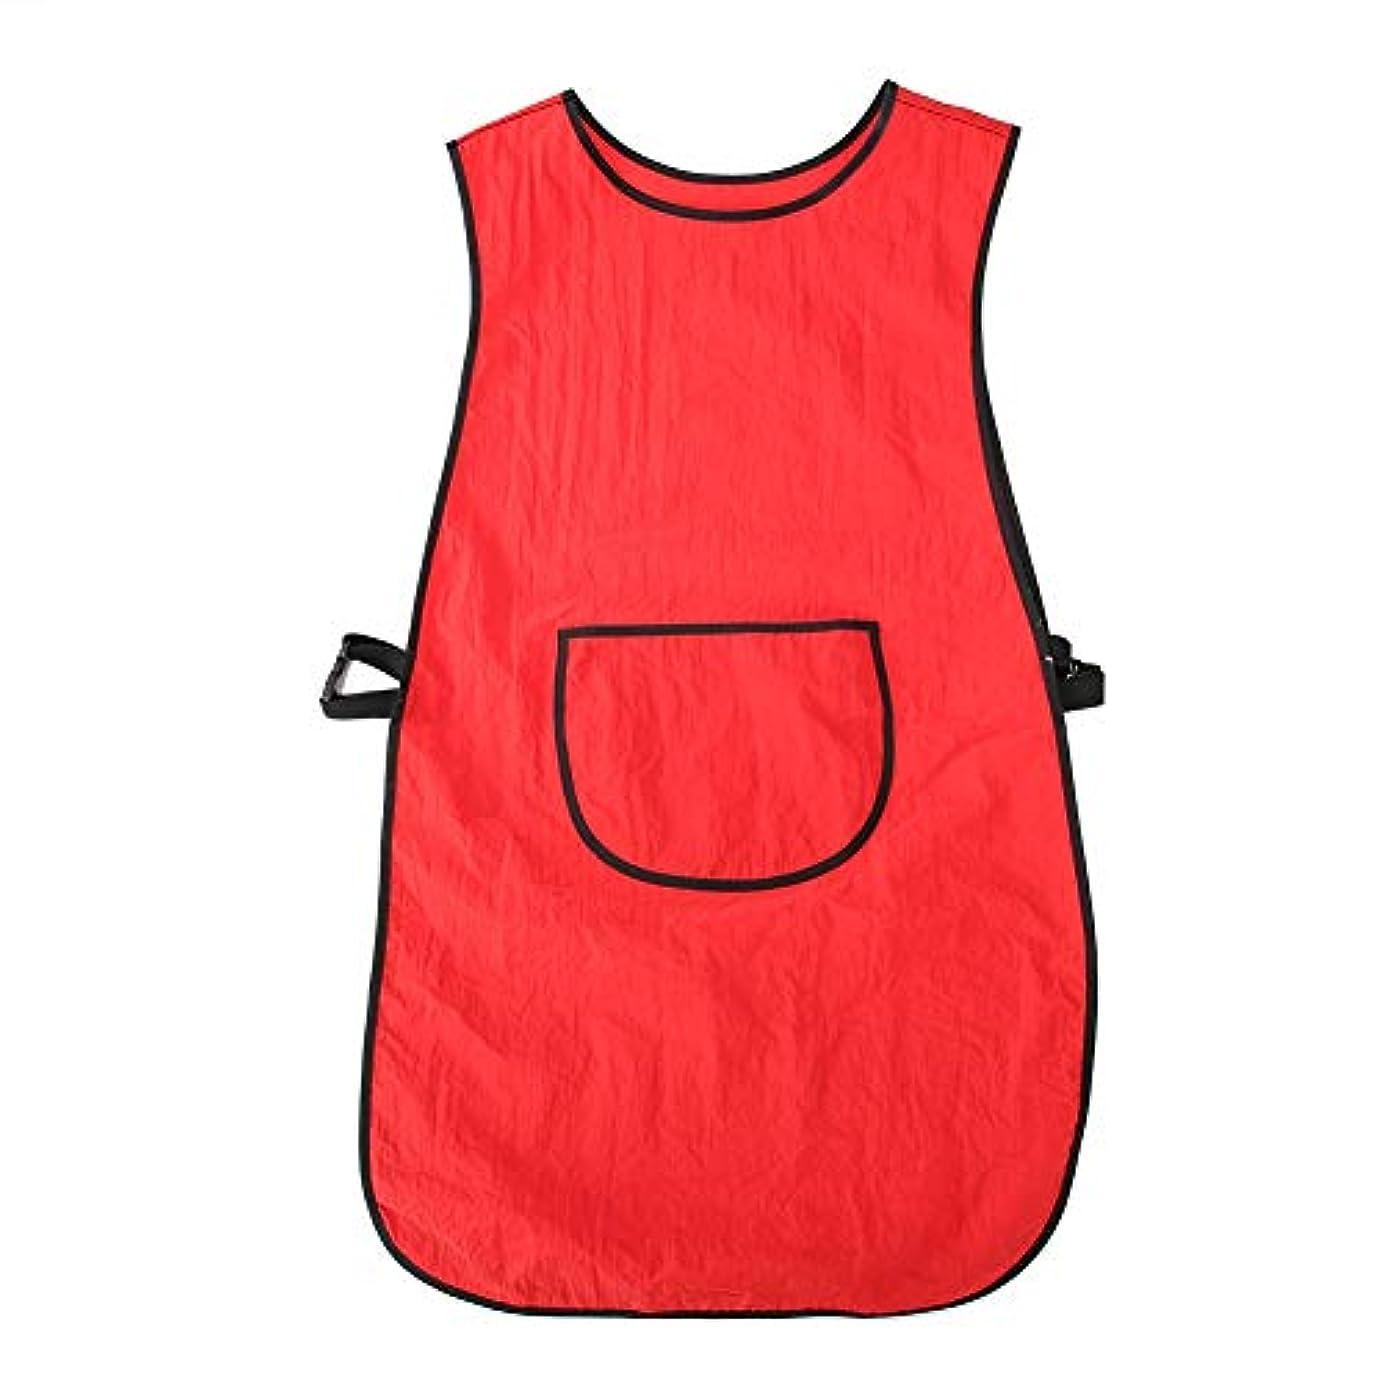 プロのサロンケープ、シンプルなスタイルの防水耐油性帯電防止サロンケープ理容理髪ヘアカットラップ(赤)